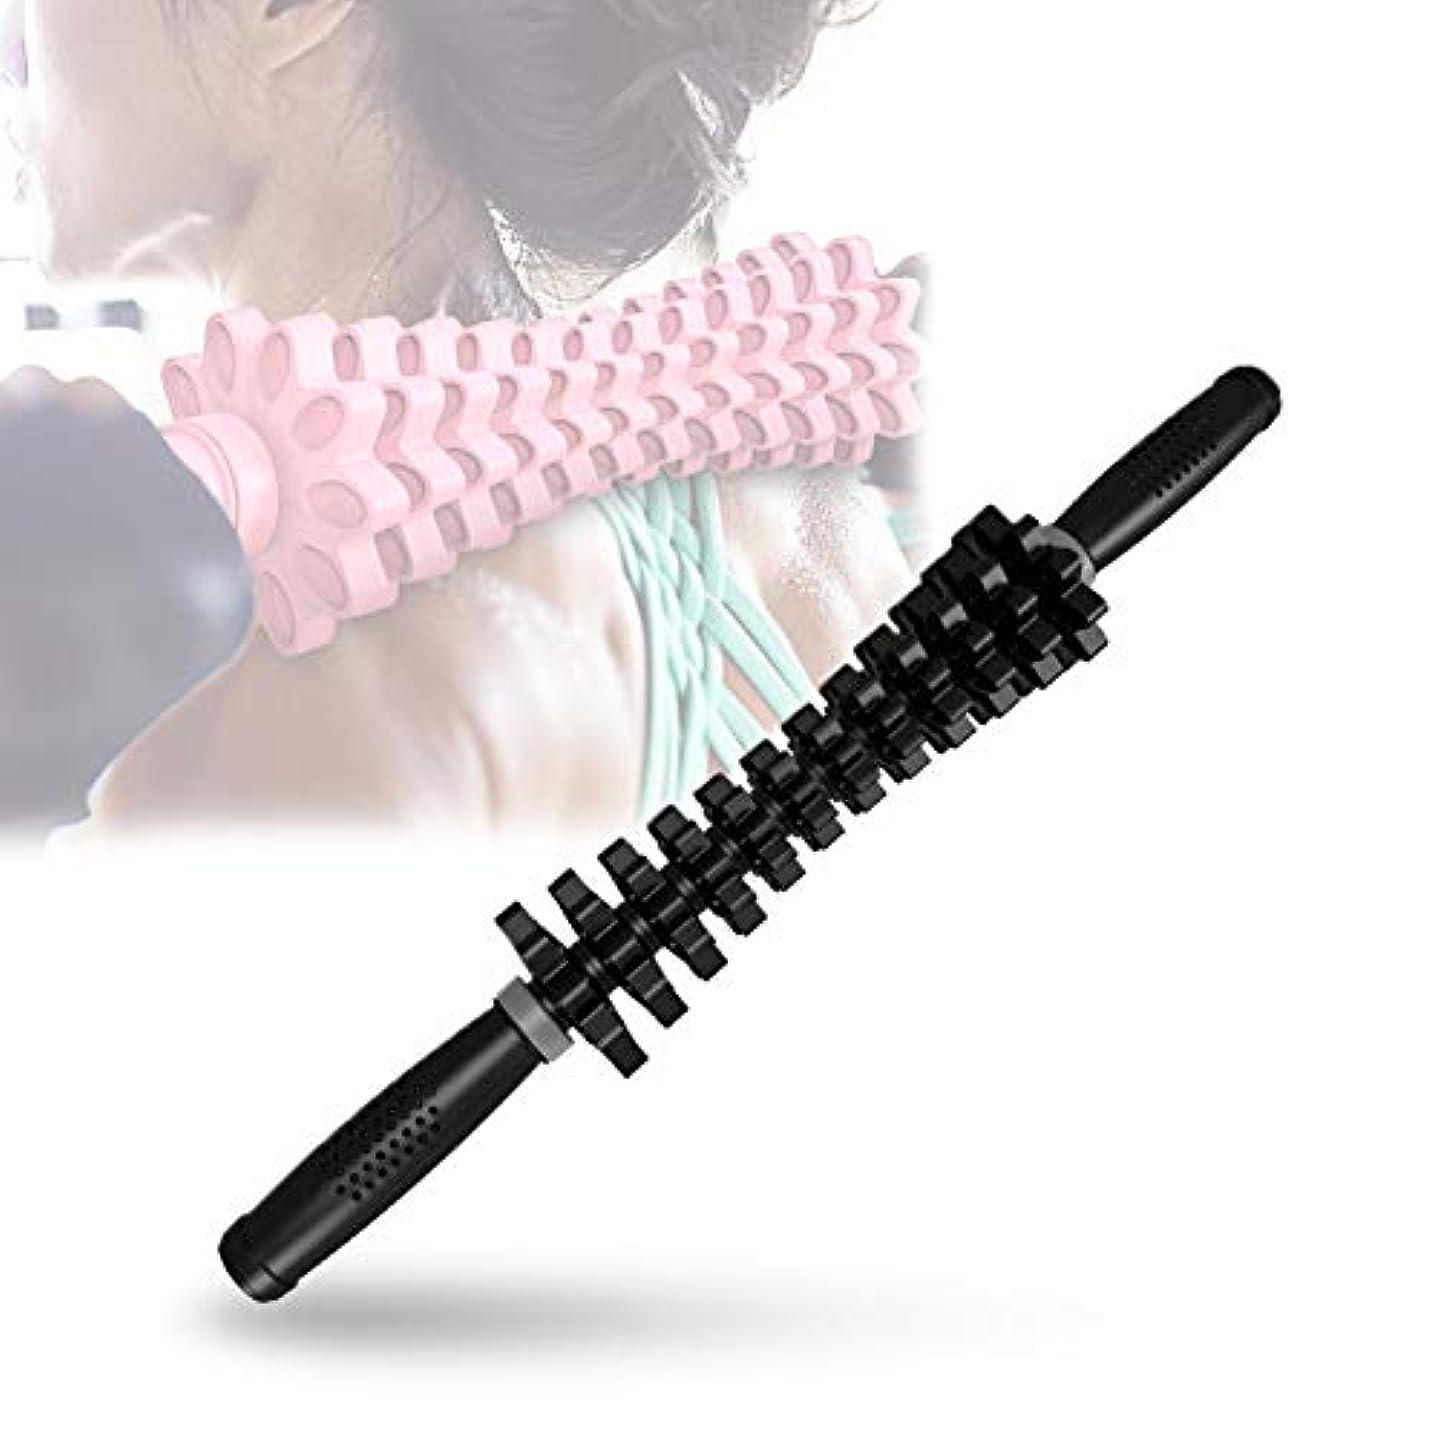 対話日記できればフォームローラー 筋肉マッサージおよび筋筋膜のトリガーポイント解放のためのギヤマッサージャーの取り外し可能なポリ塩化ビニールの快適な滑り止め,Black